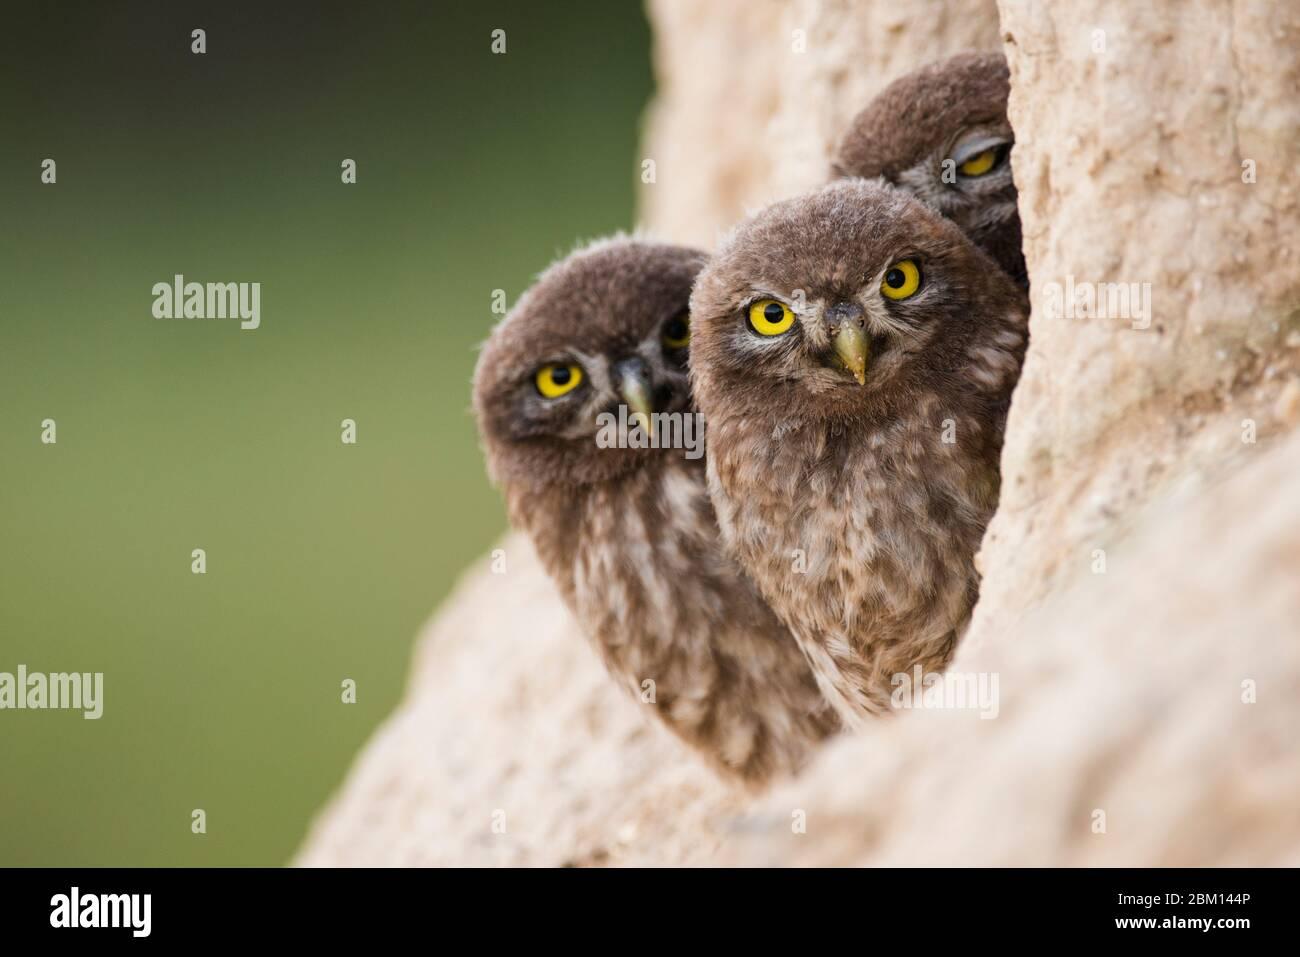 Drei junge Eulen gucken aus seinem Loch und schauen auf die Kamera. Stockfoto